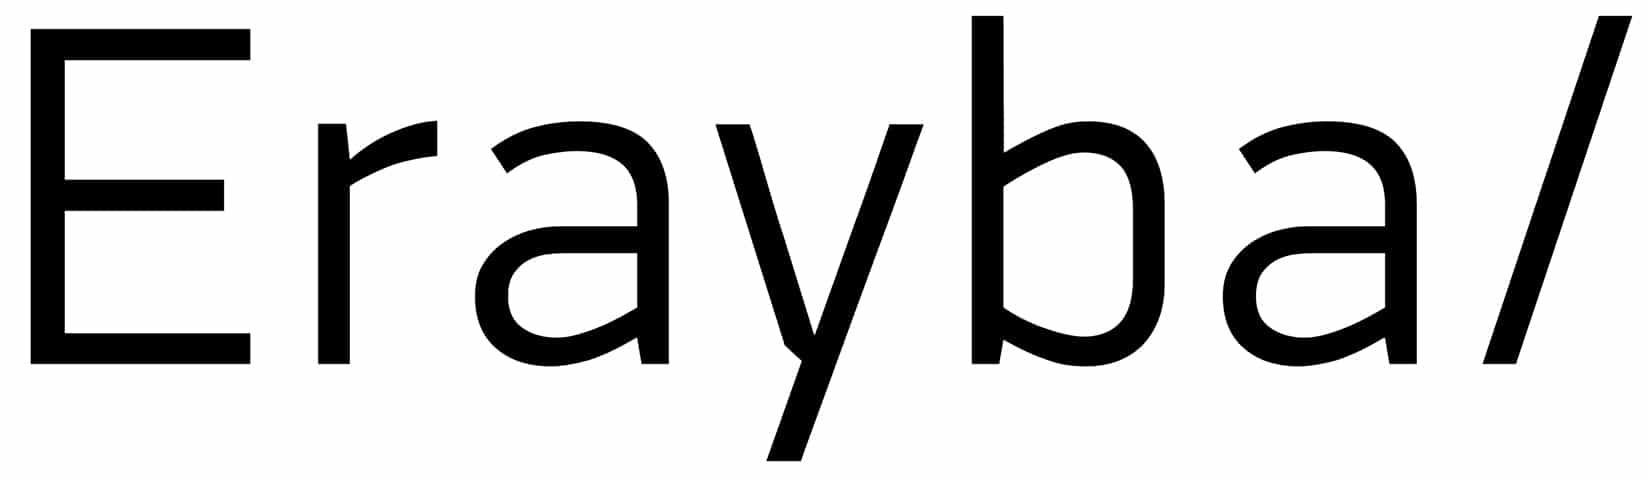 Logotipo de ERAYBA COSMETICS, S. A.